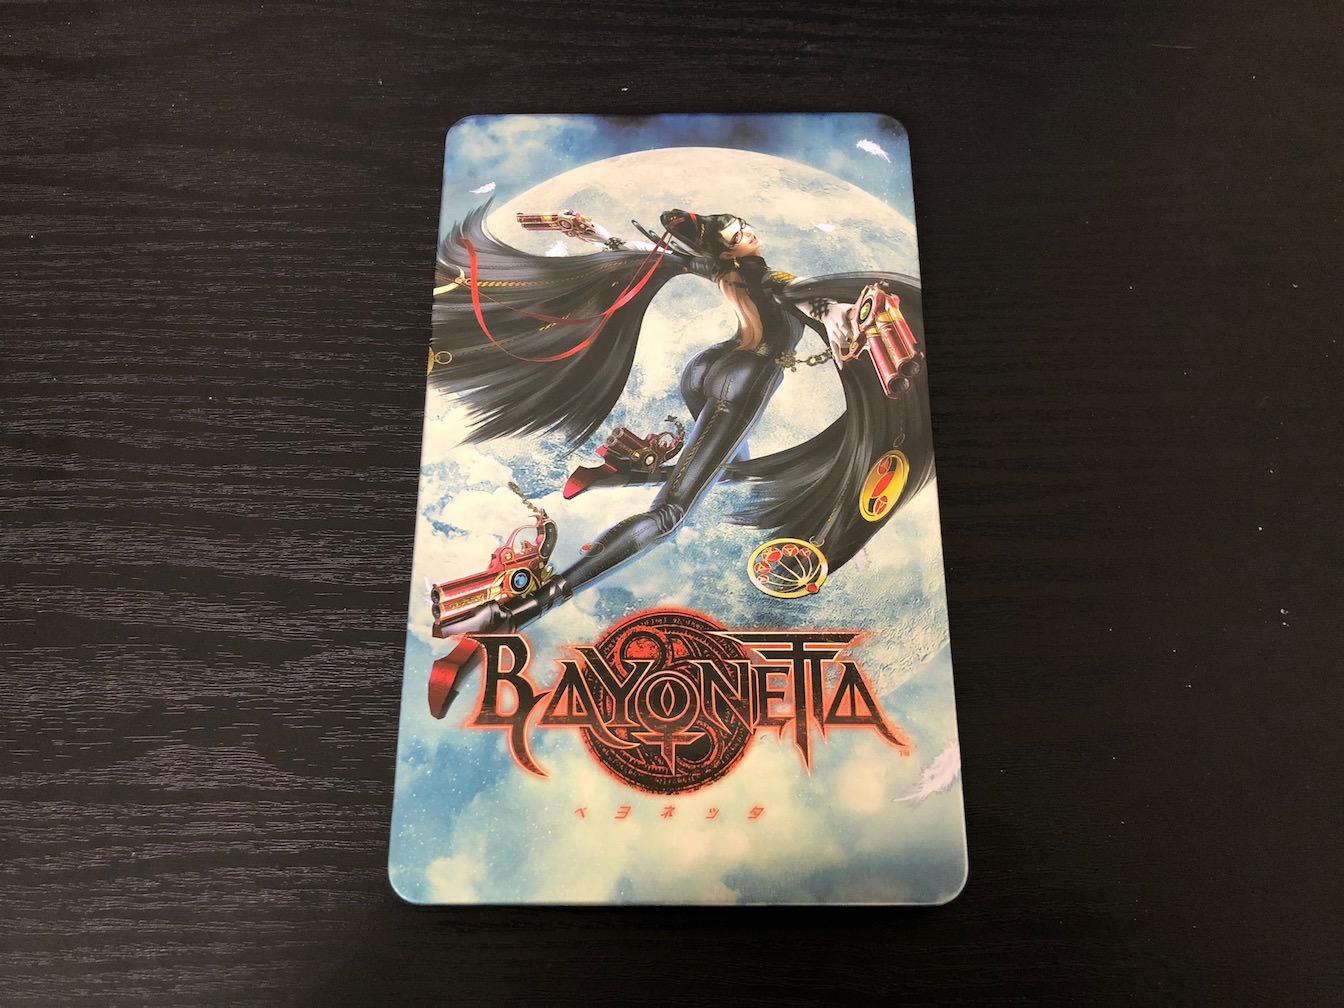 Bayonetta non stop climax edition review 4